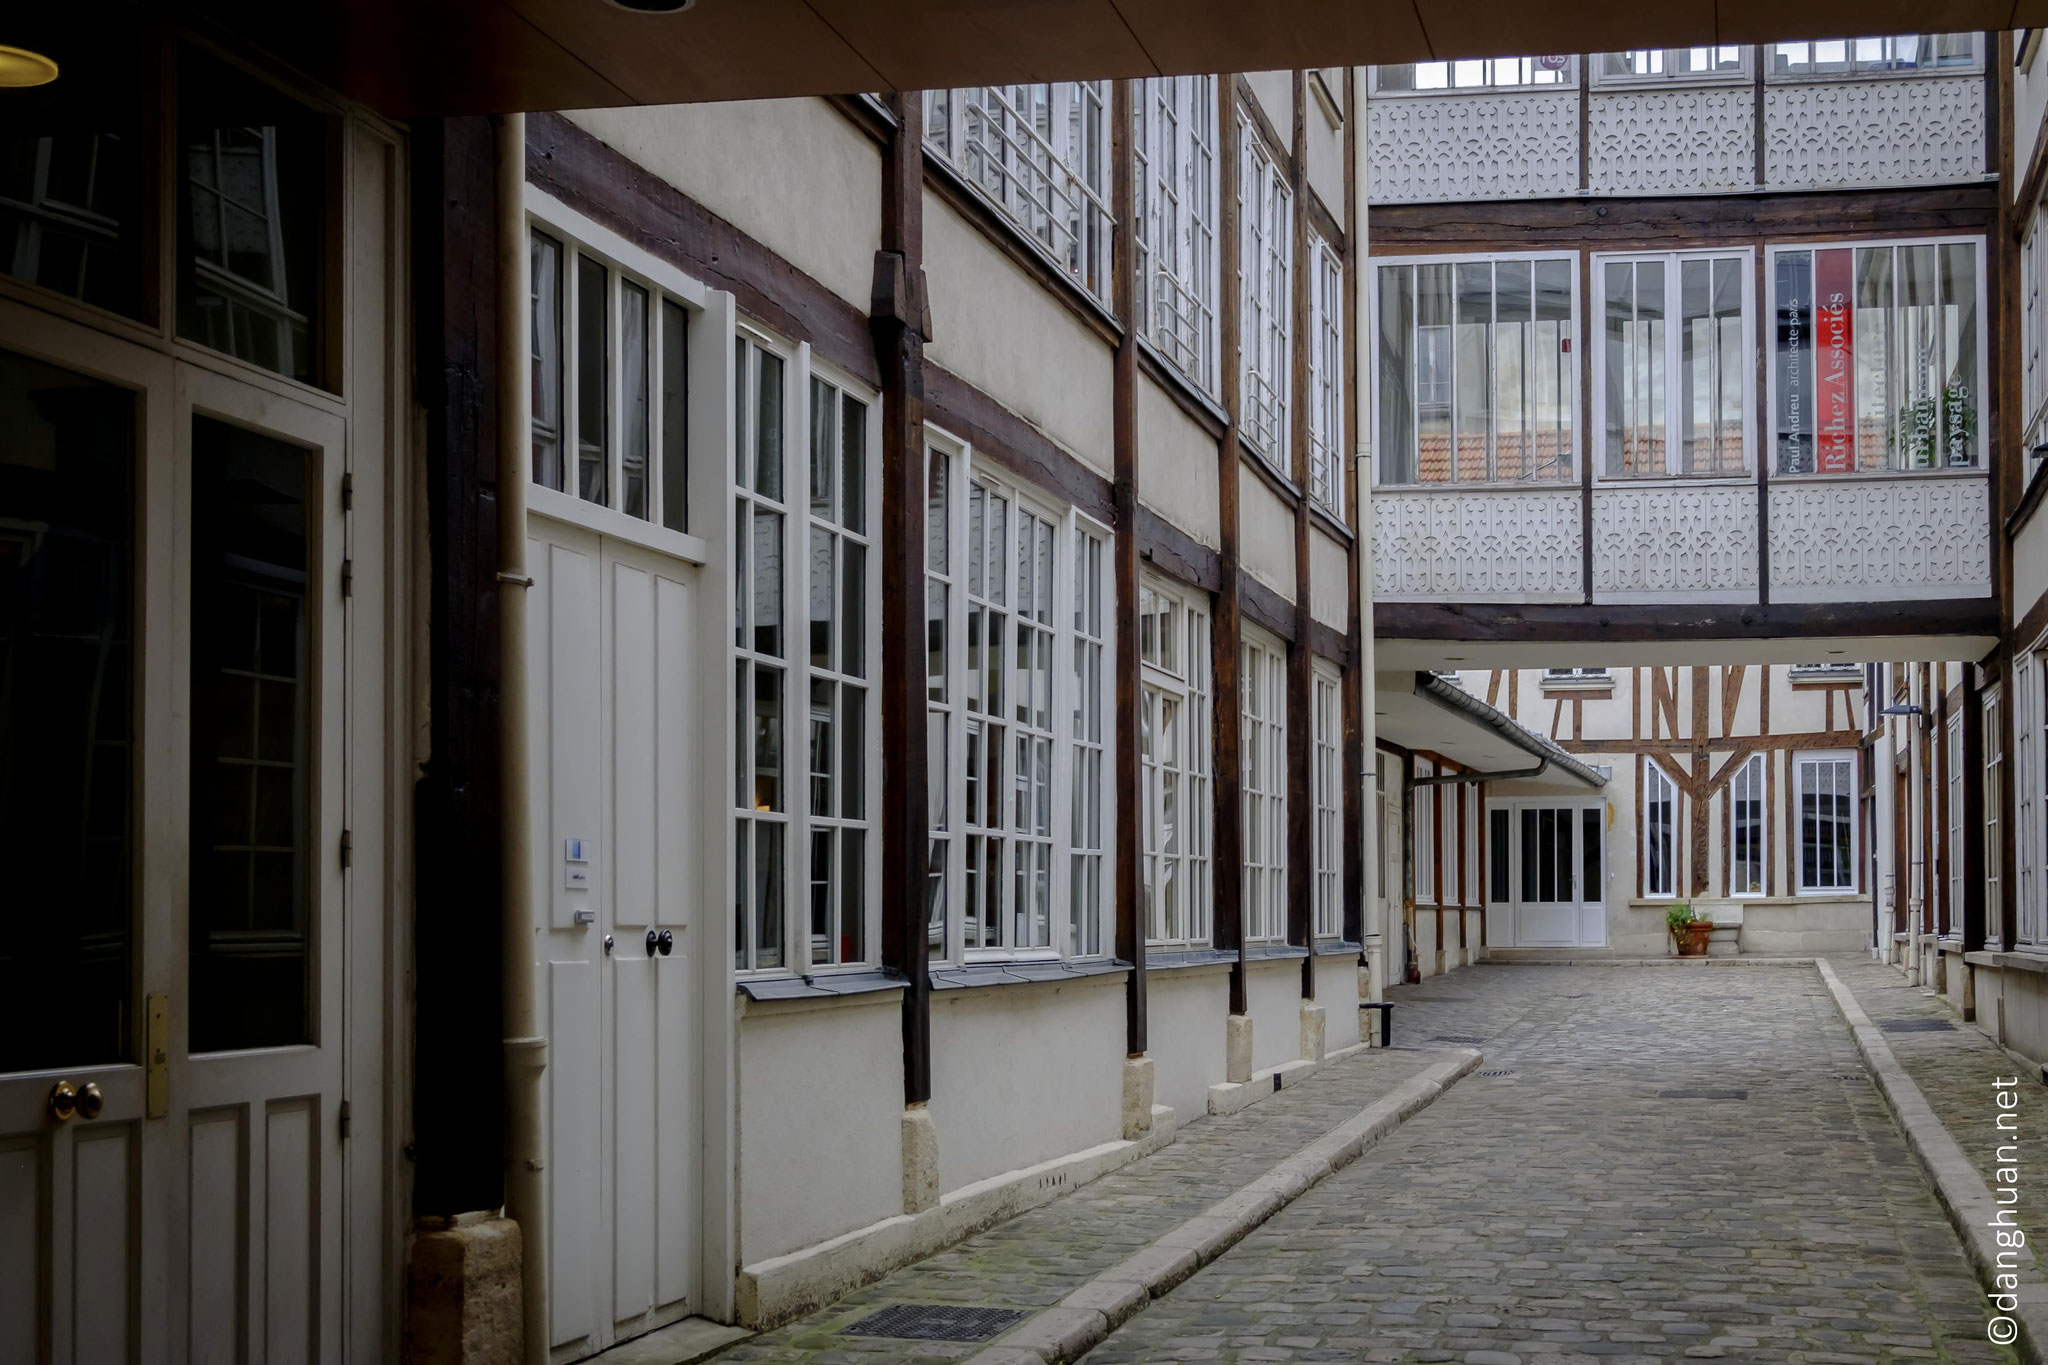 Aujourd'hui, les locaux sont occupés par les professions libérales telles architectes, designers...